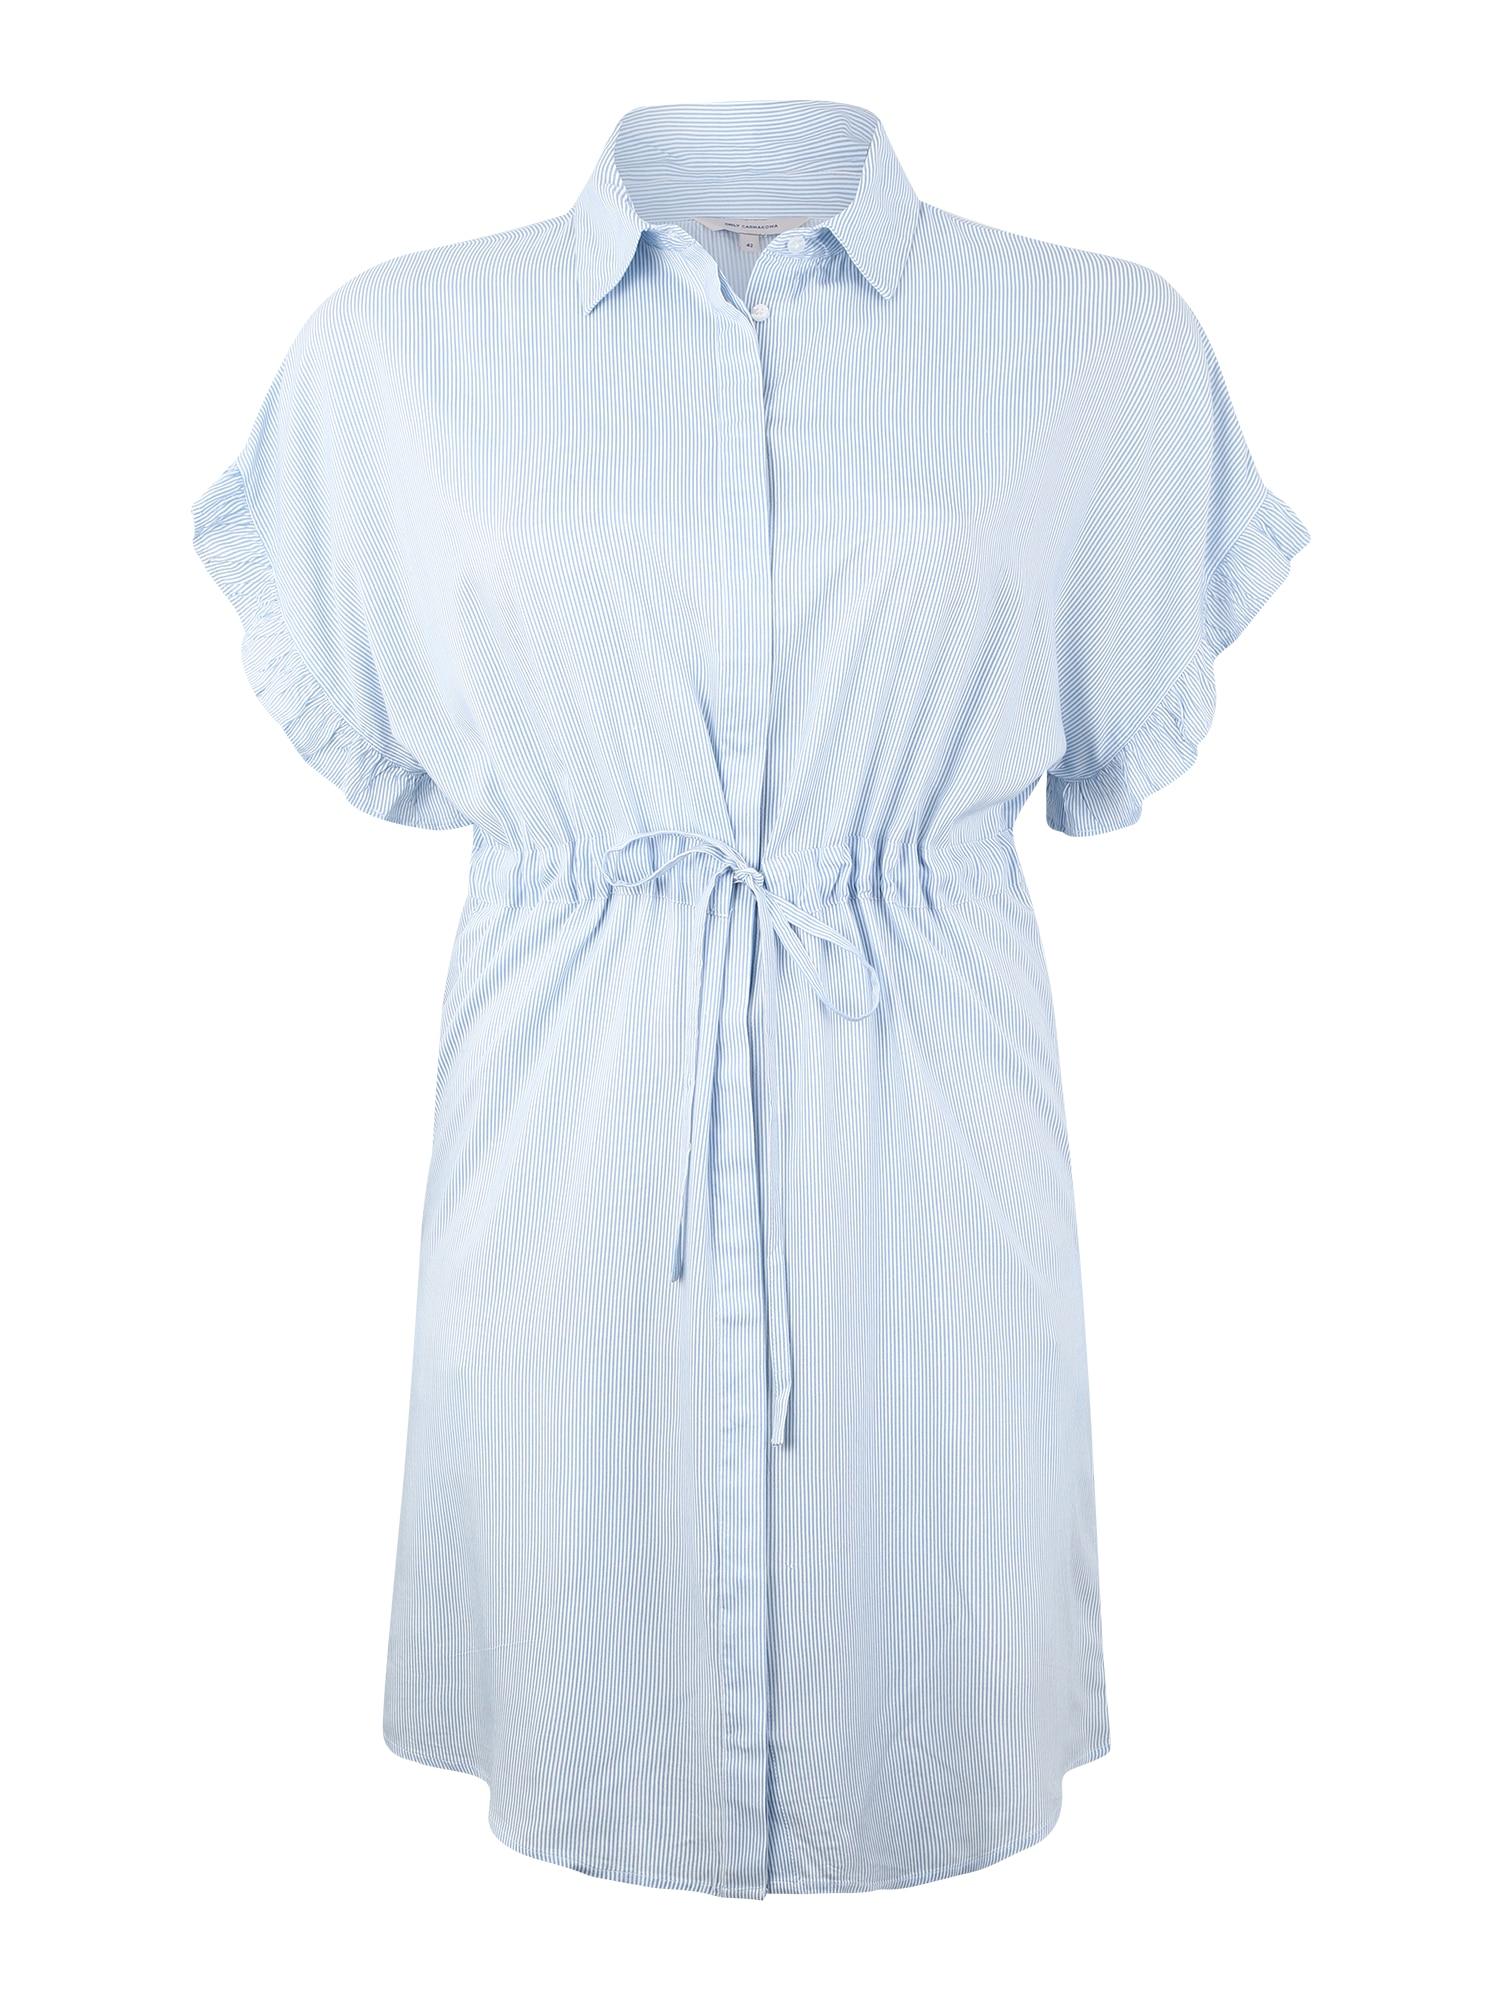 Košilové šaty CARVI světlemodrá bílá ONLY Carmakoma